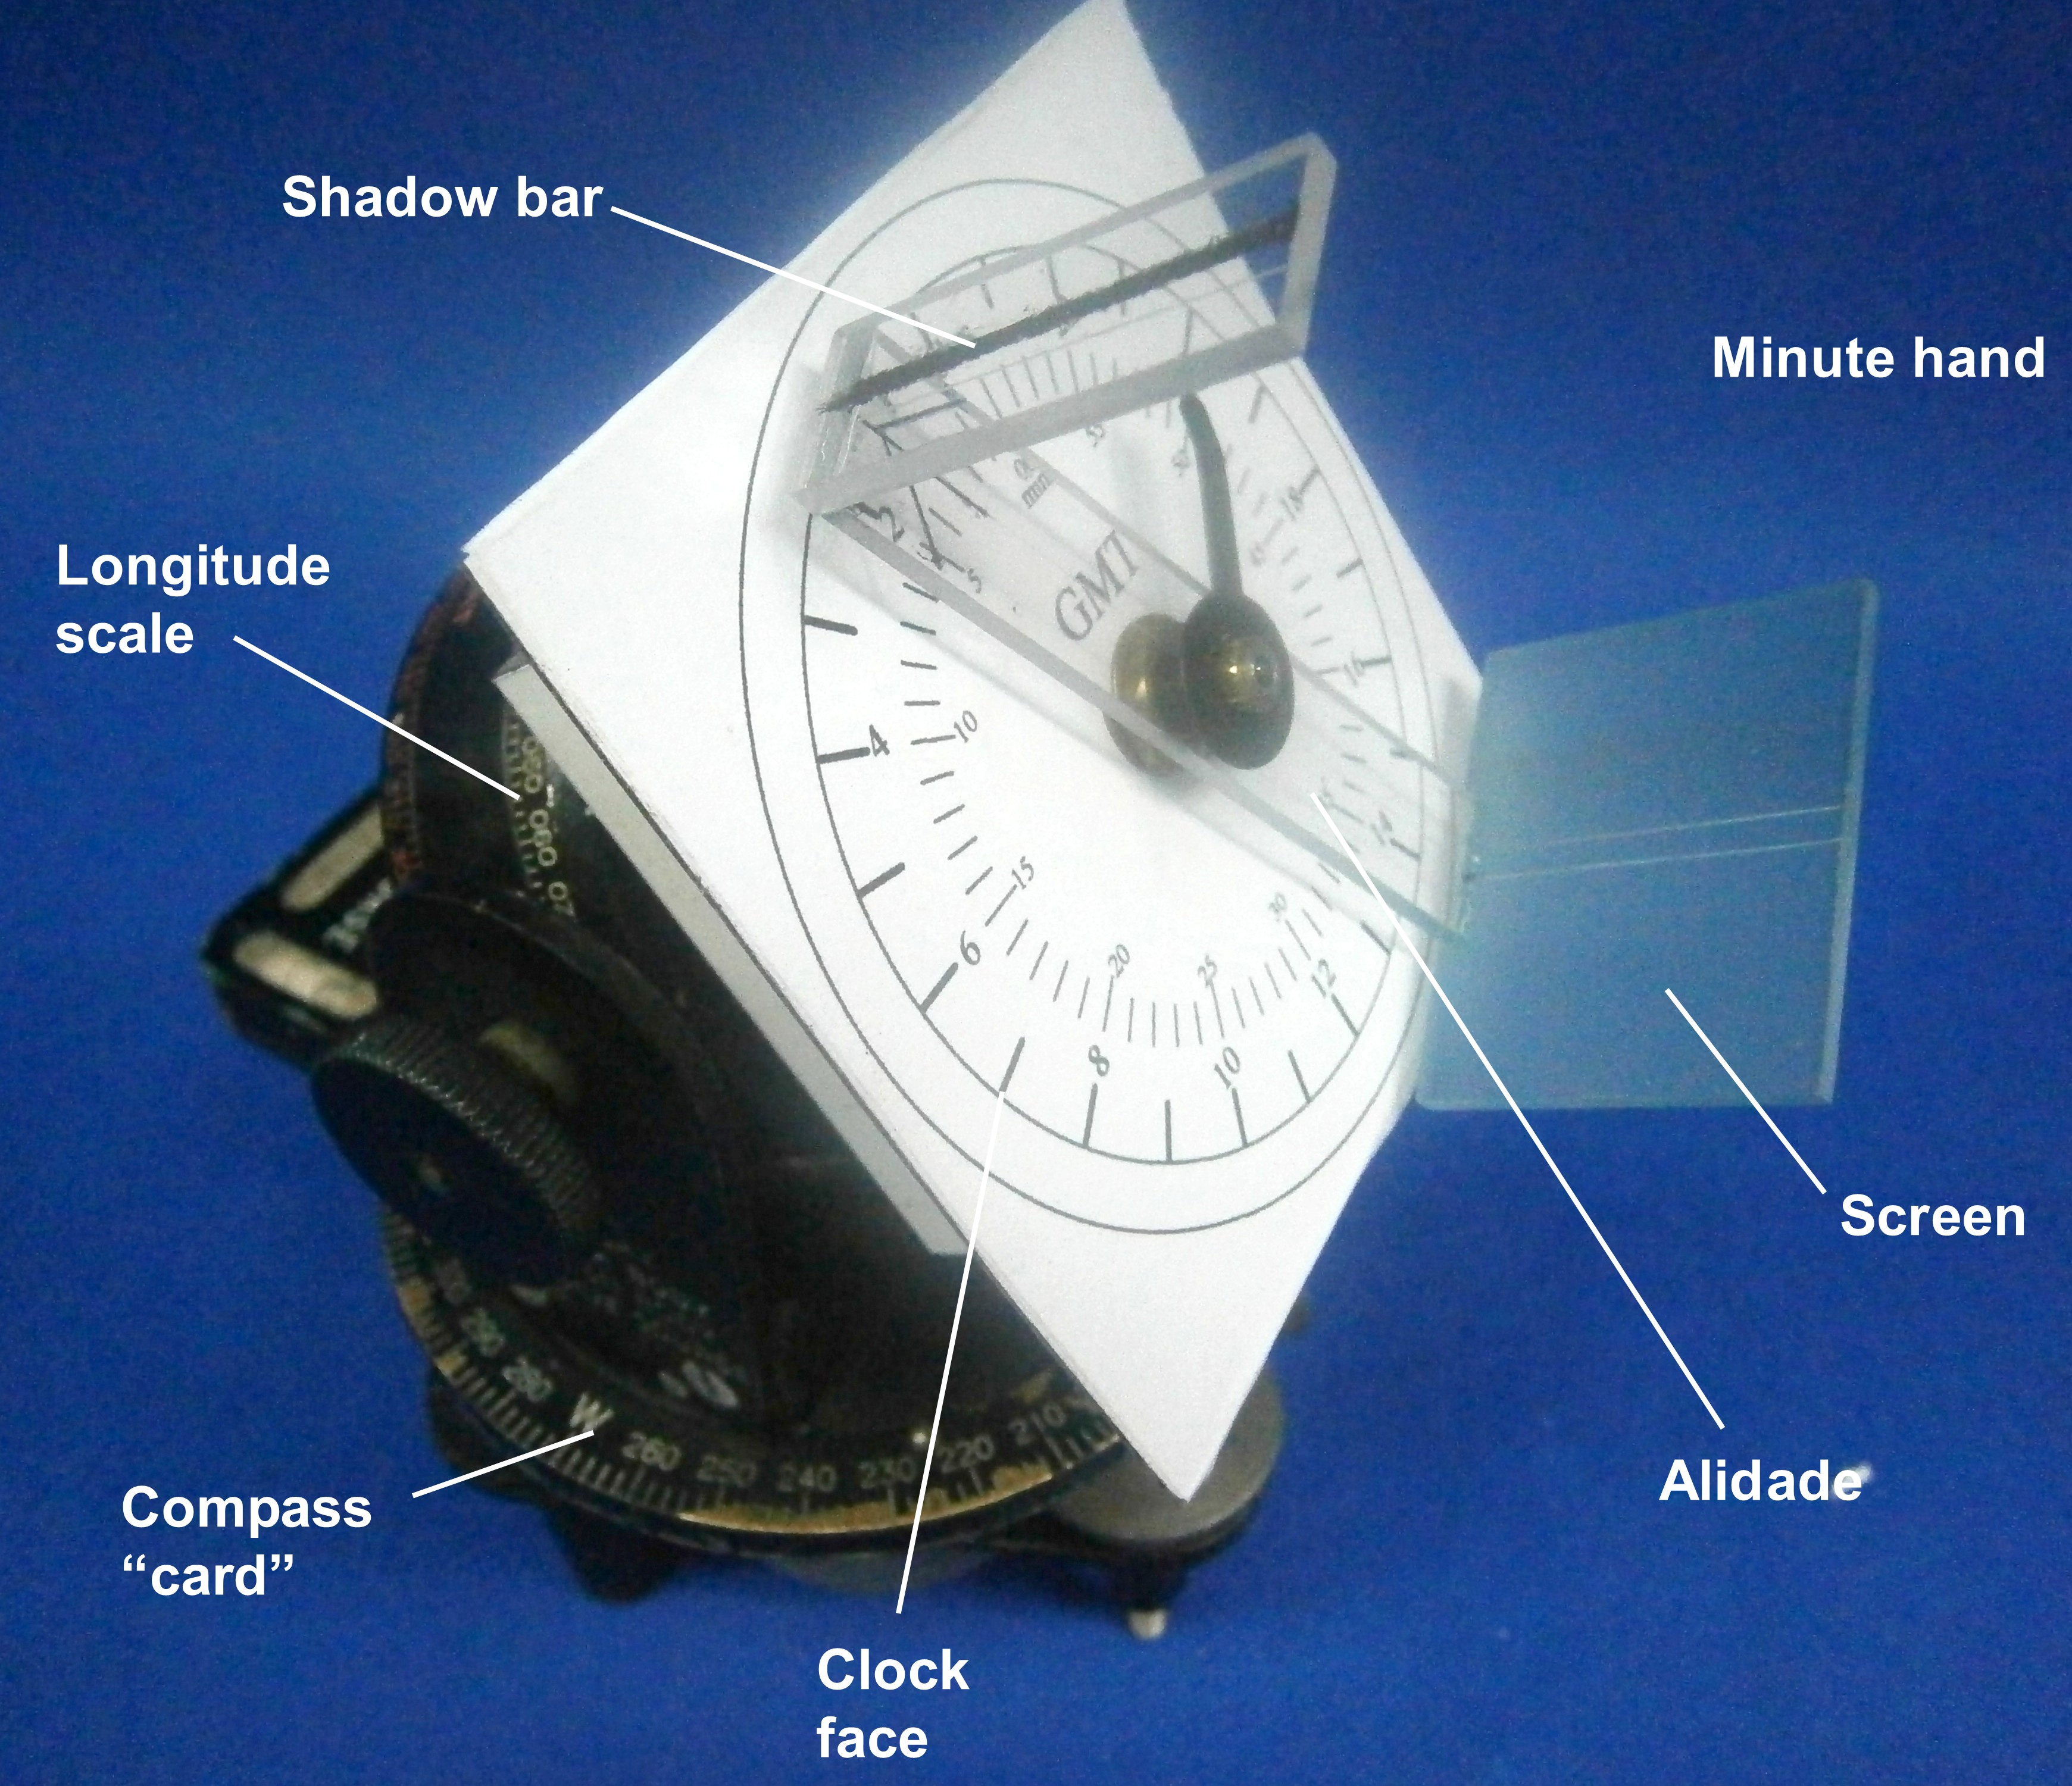 Figure 3: Face of clock.